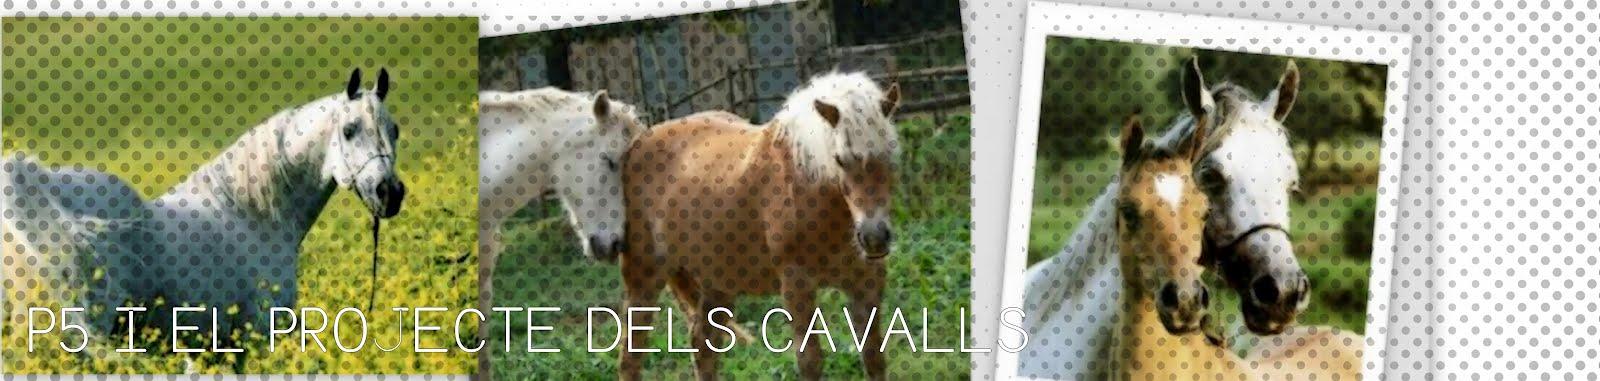 P5 I EL PROJECTE DELS CAVALLS